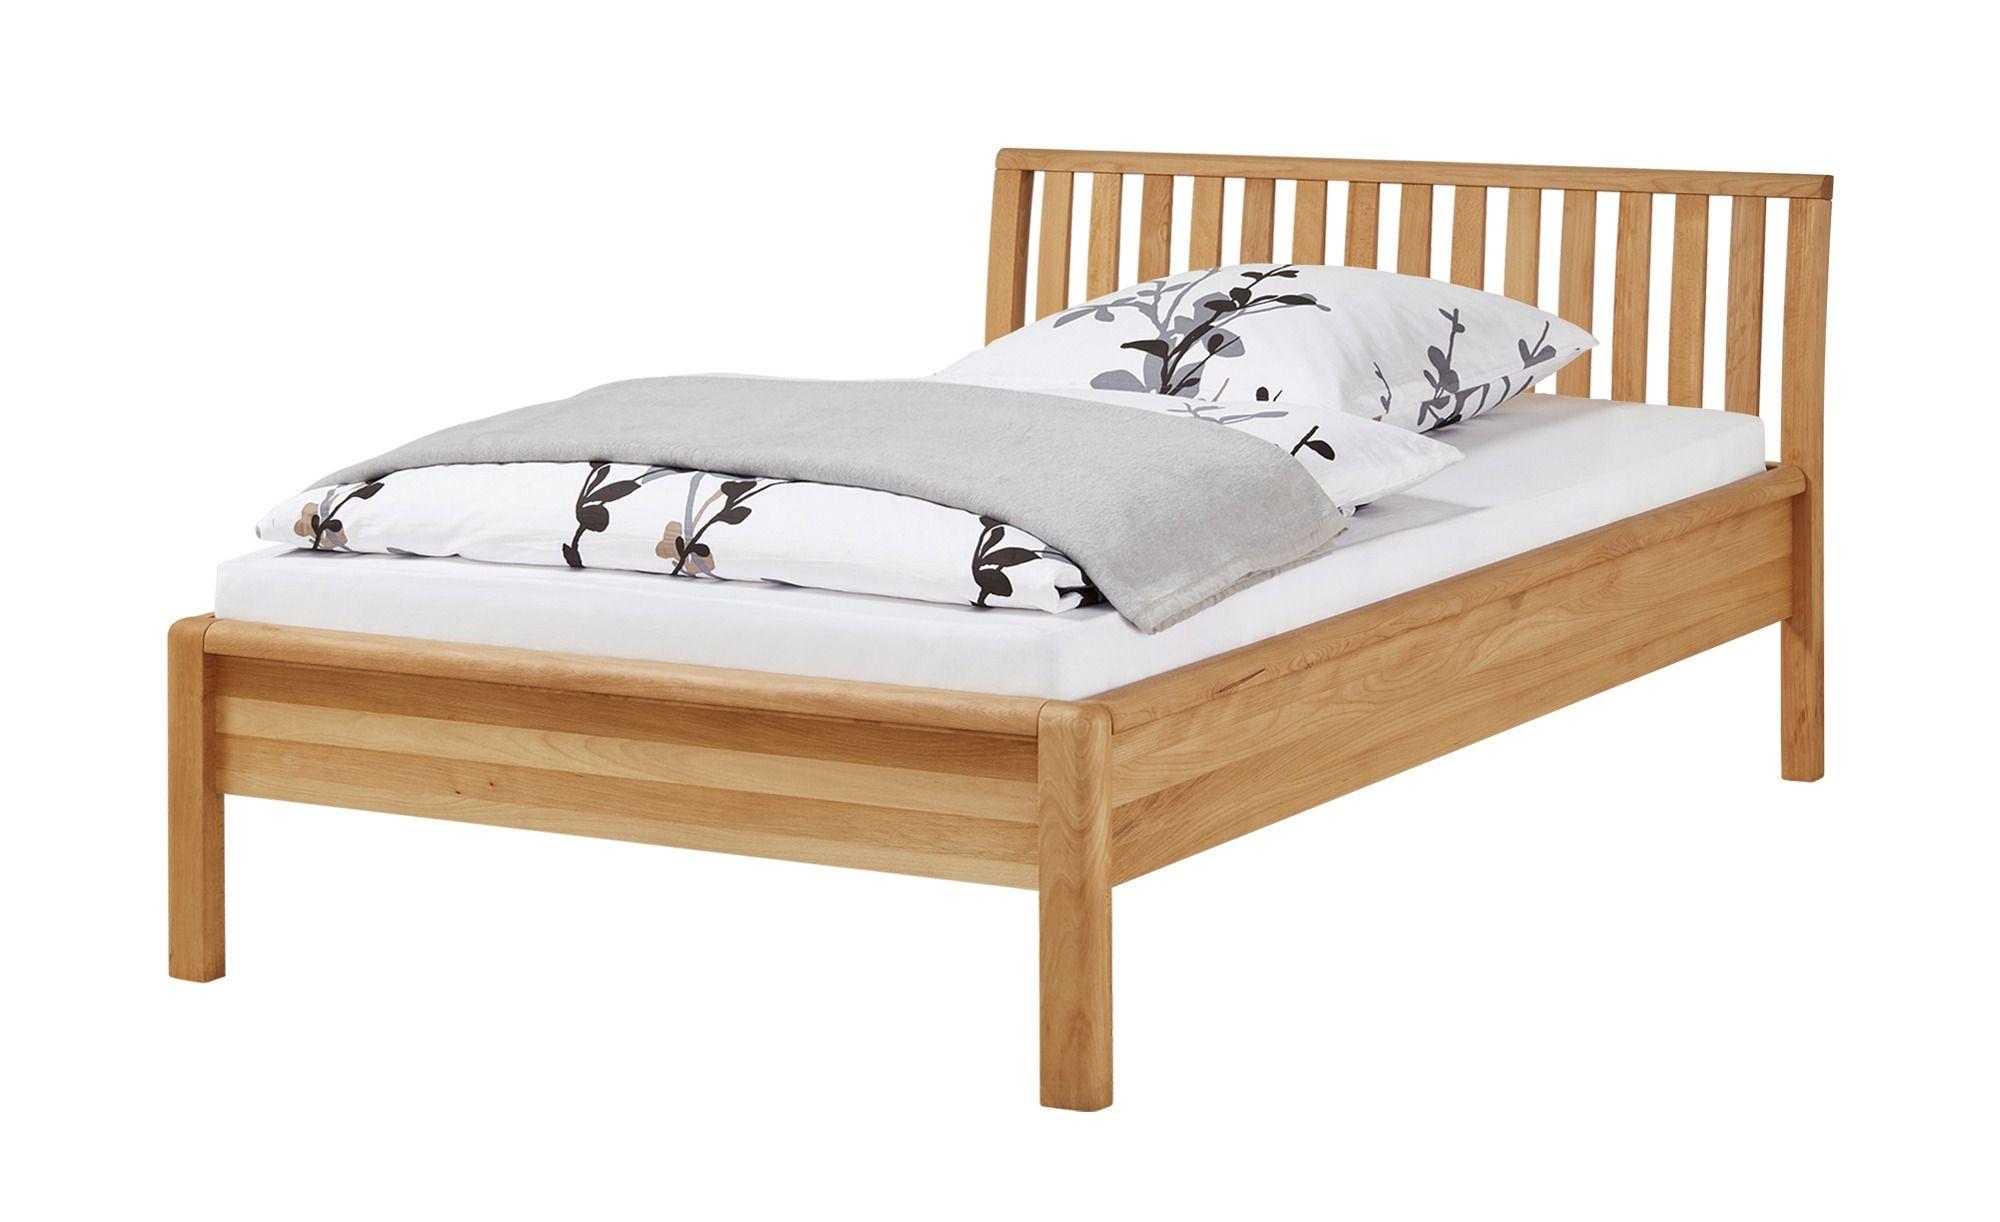 Bett Multiplex Weiss Naxos 140 X 200 Cm Nein Bett Bett 140x200